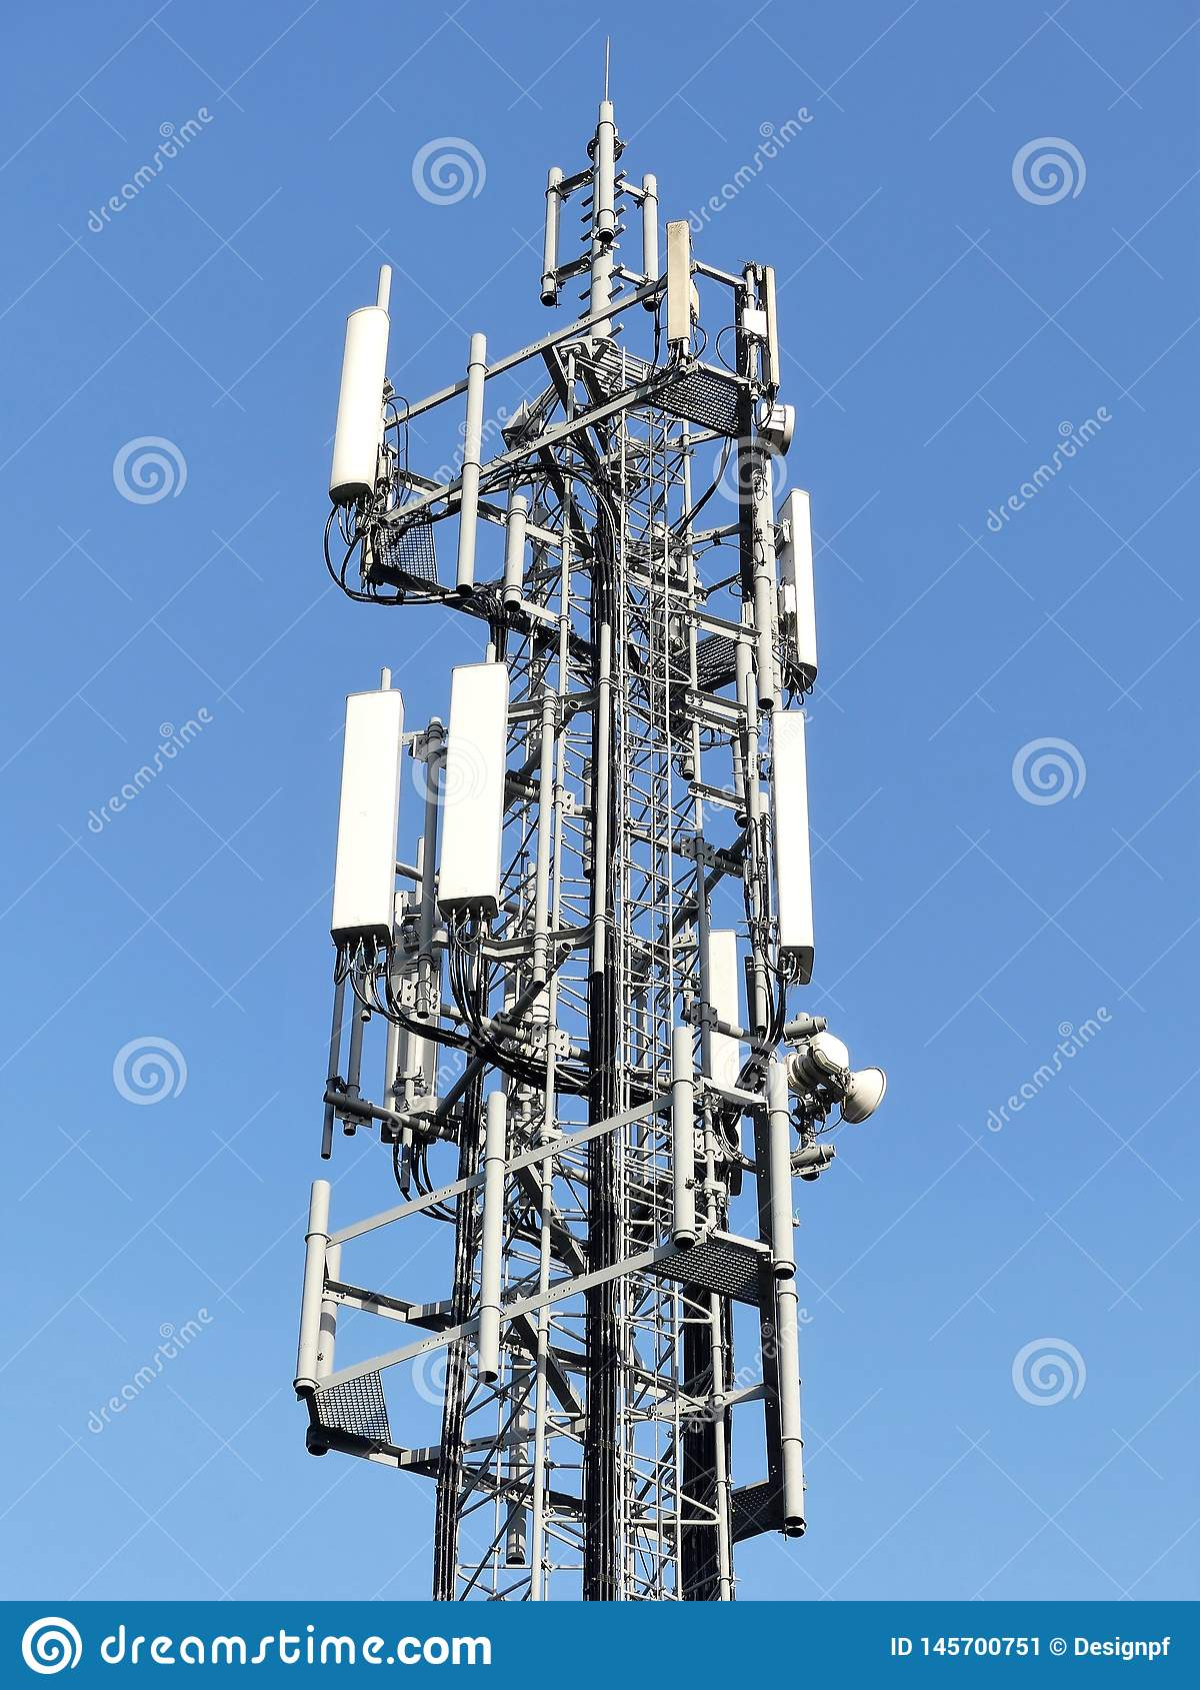 Mobile phone mast by M25 Motorway, Chorleywood